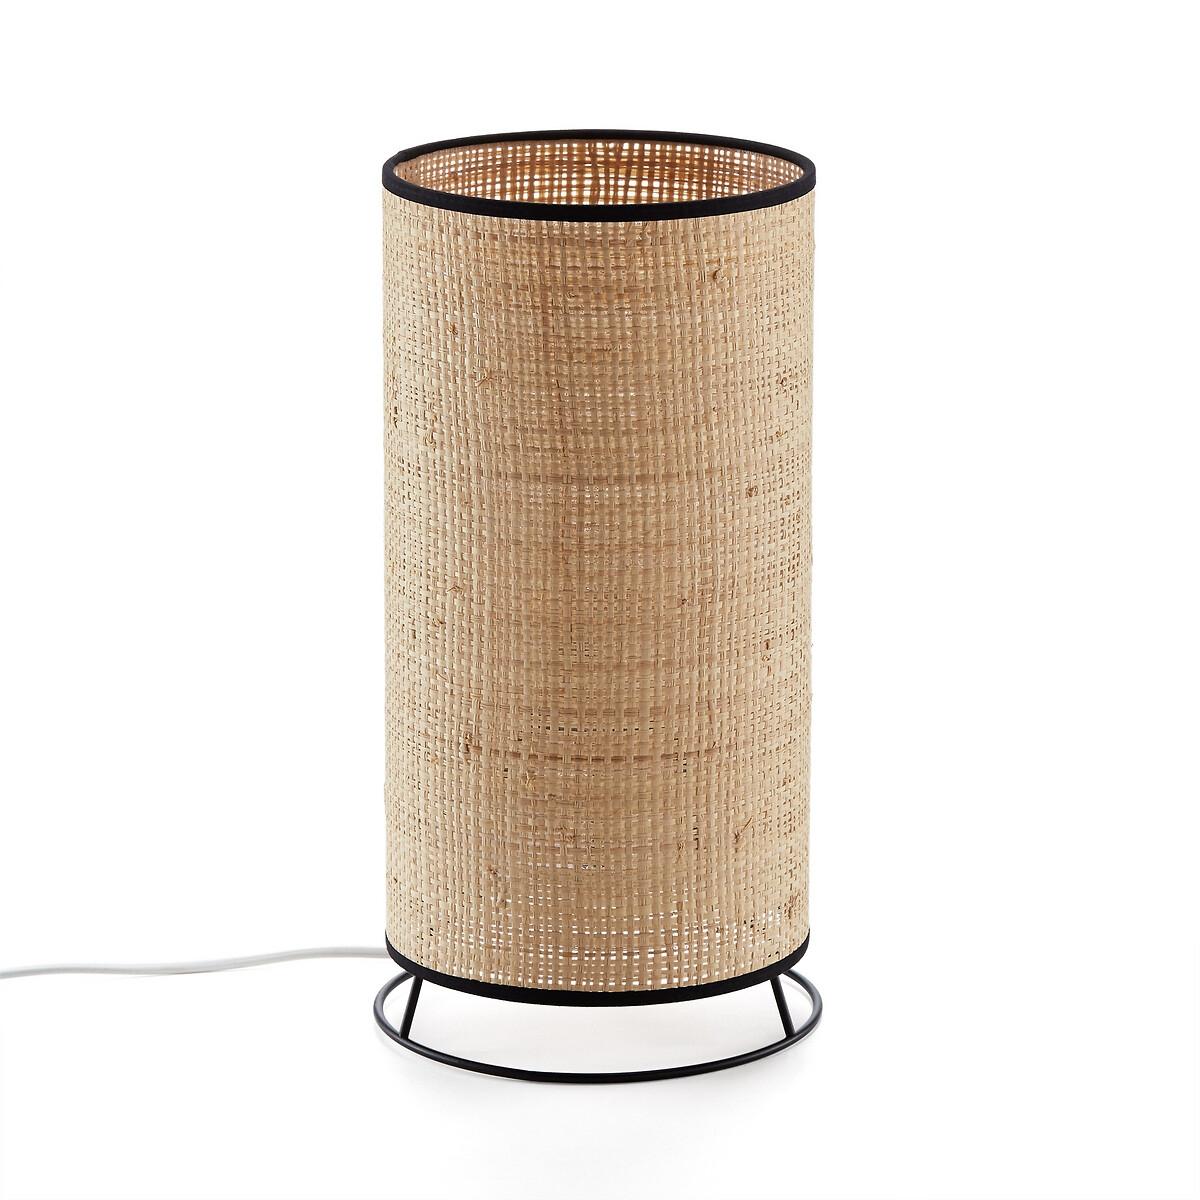 Лампа LaRedoute Настольная из рафии и металла Elysa единый размер бежевый лампа настольная из дерева и металла tinus